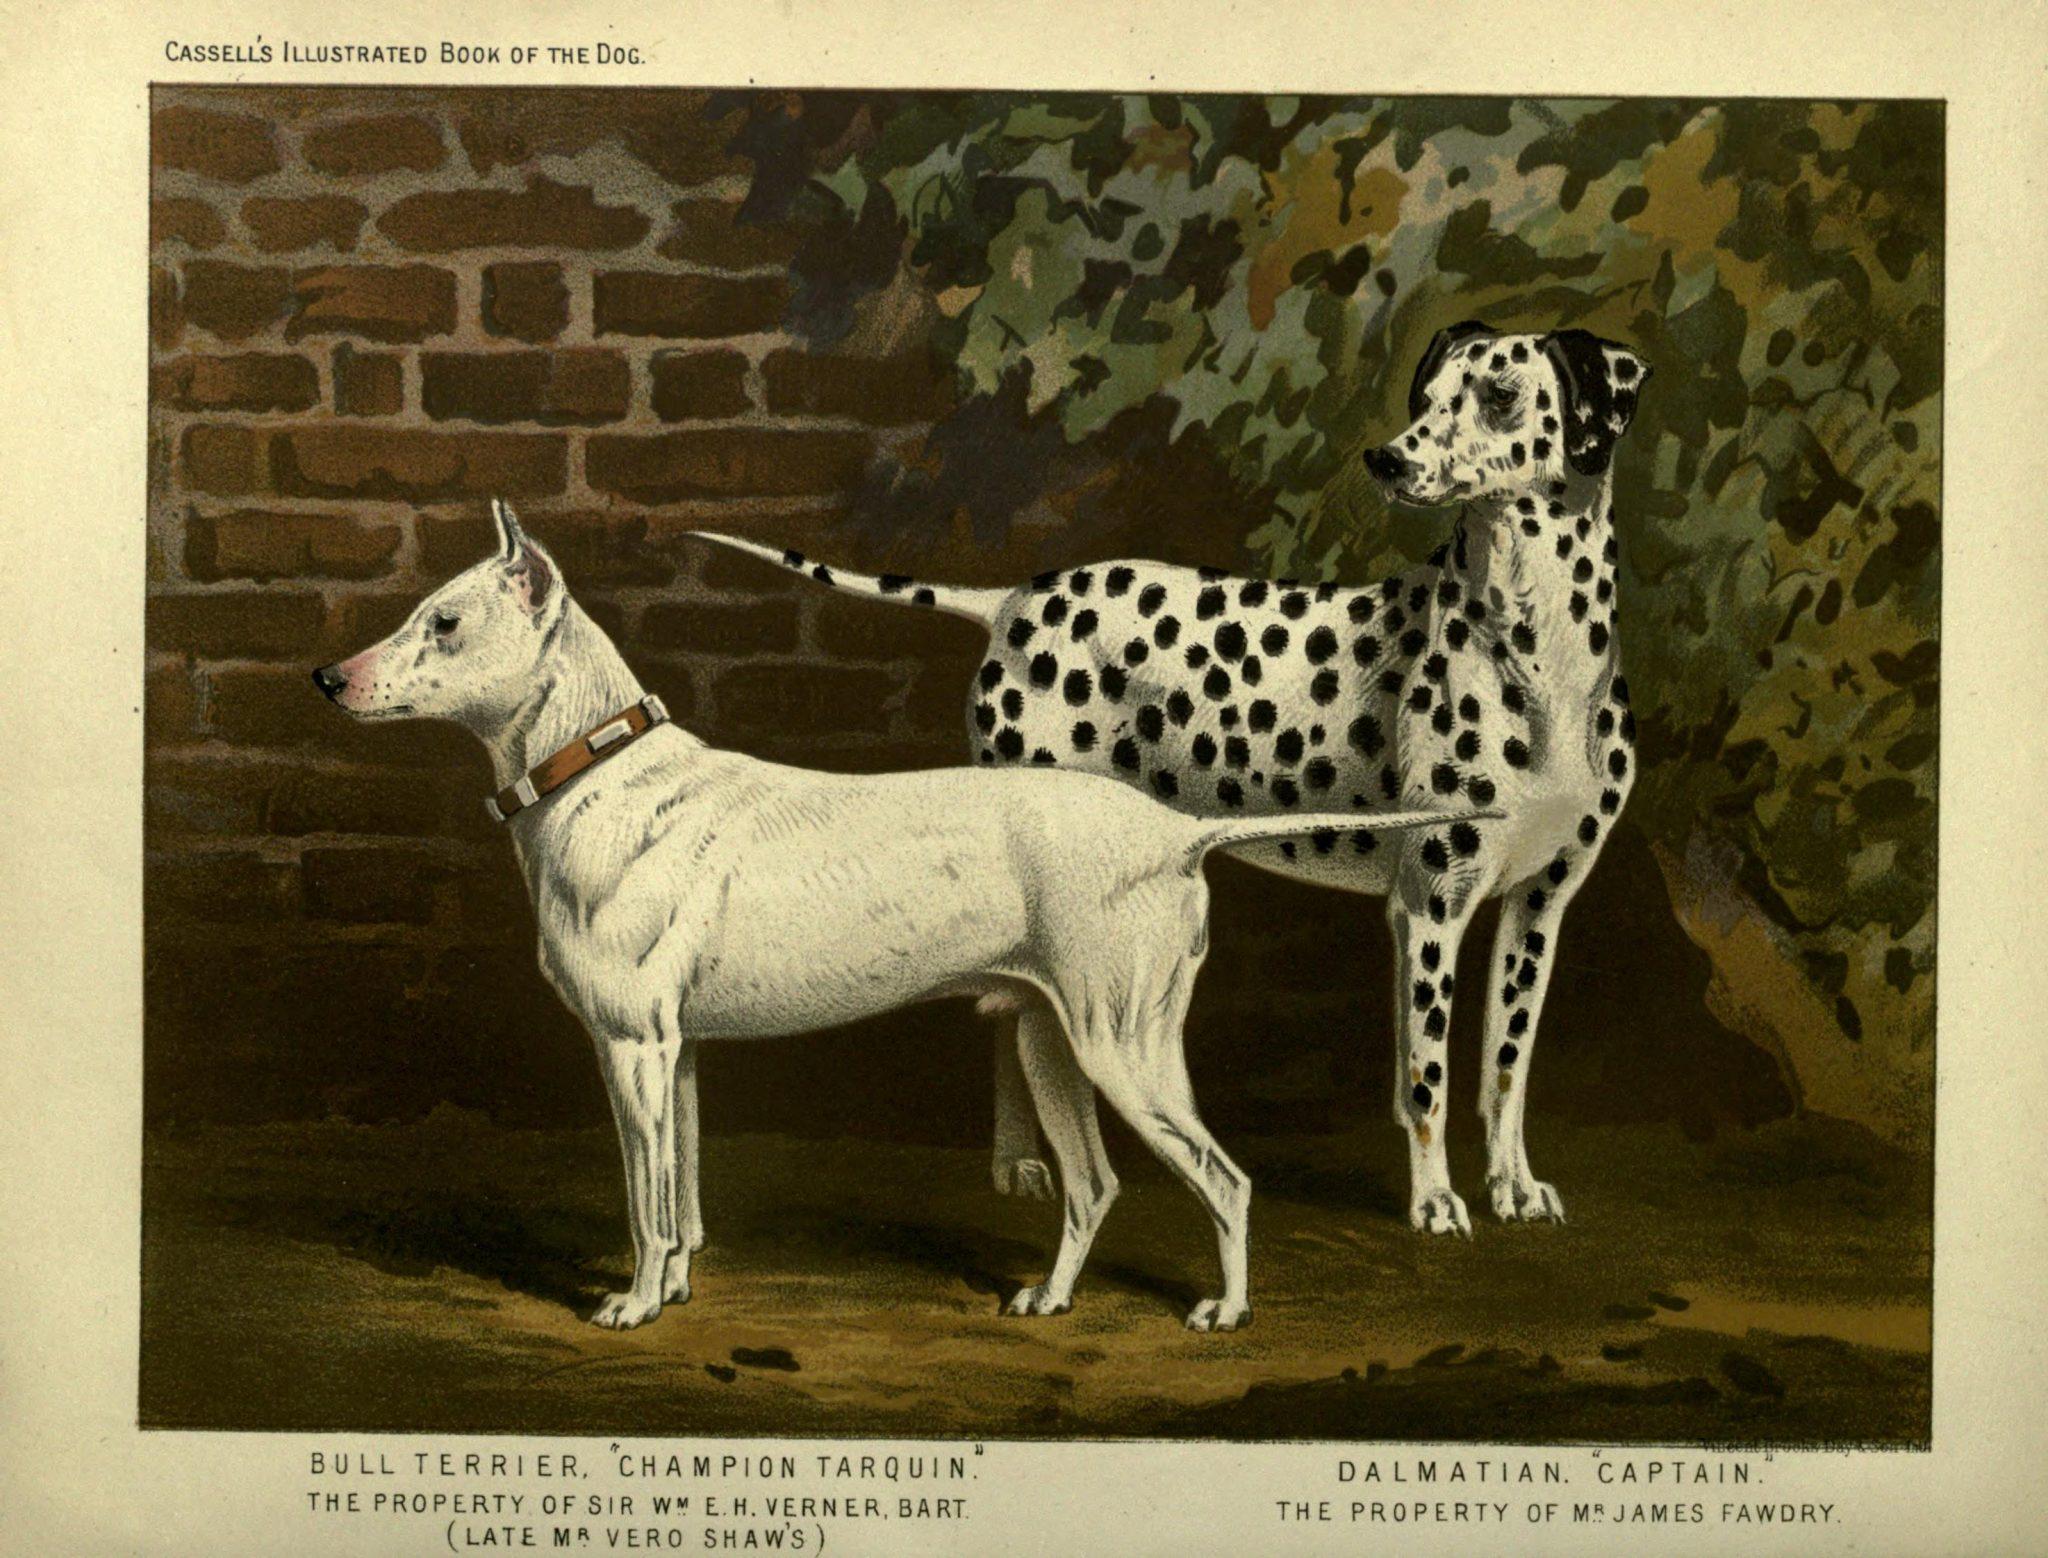 Deux chiens blancs, un bull terrier et un dalmatien, sur une illustration ancienne